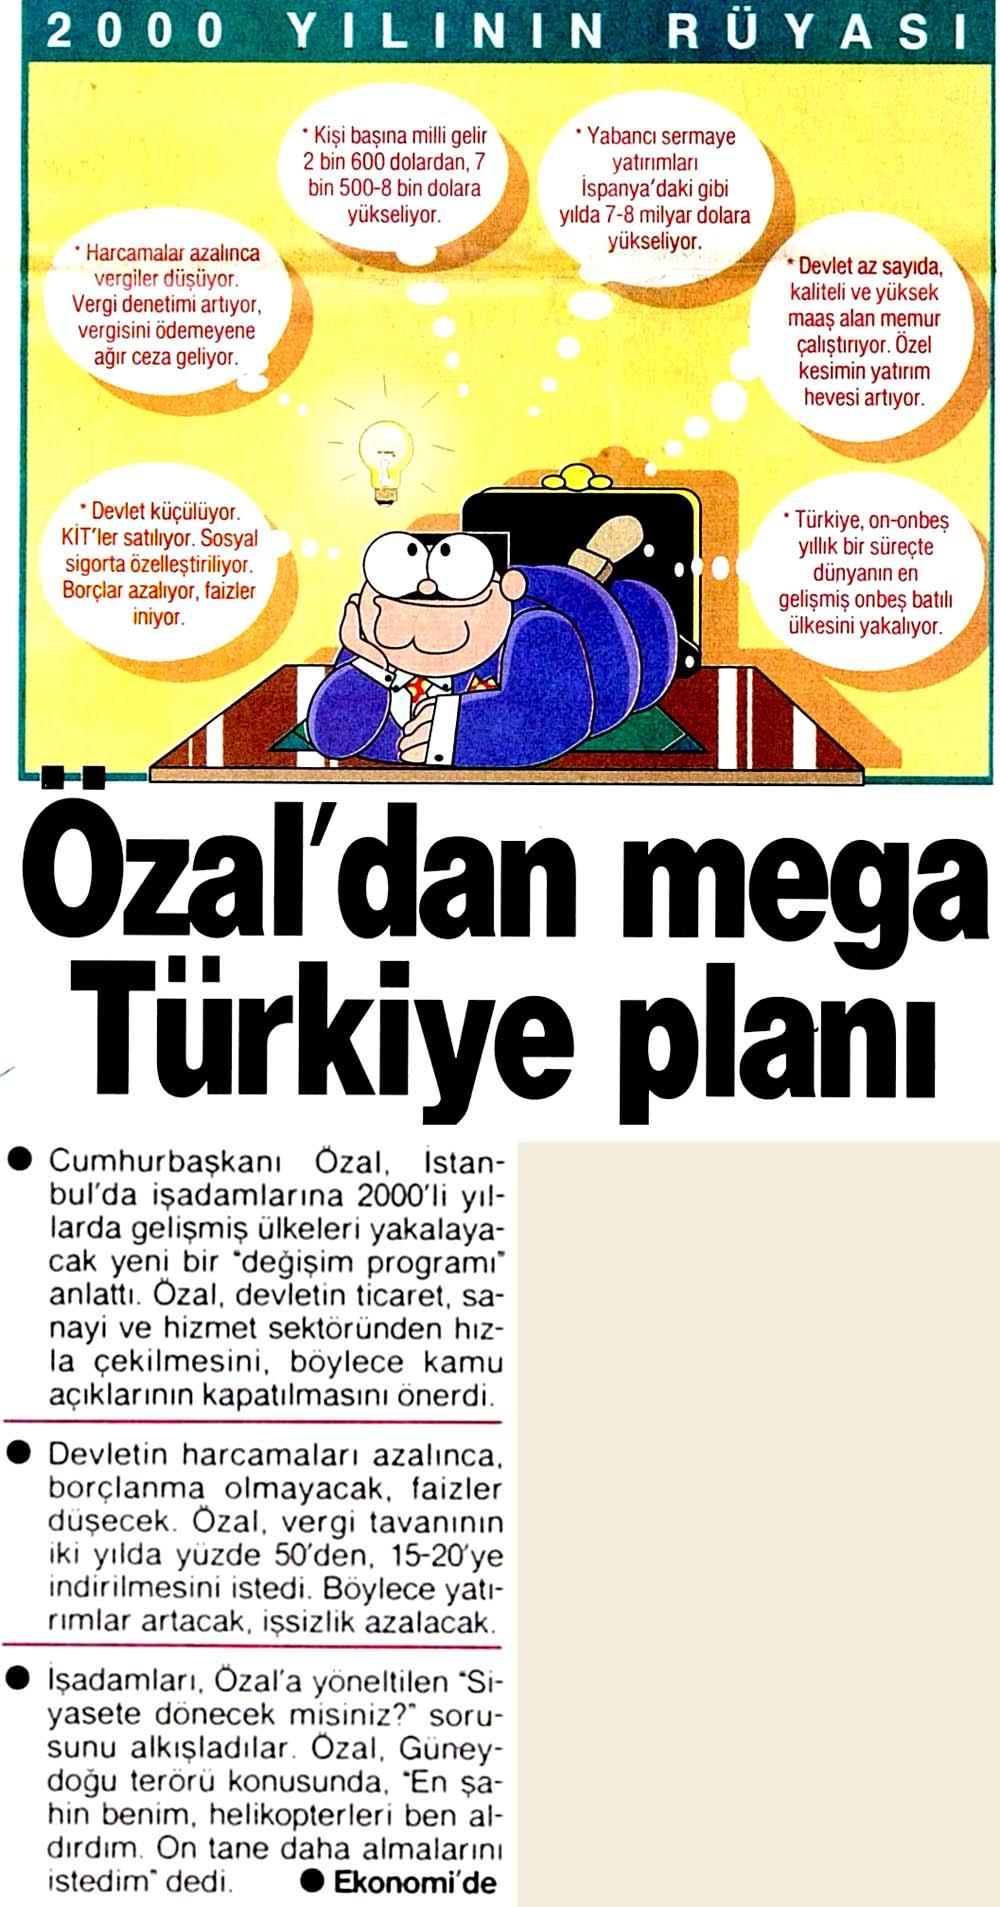 Özal'dan mega Türkiye planı